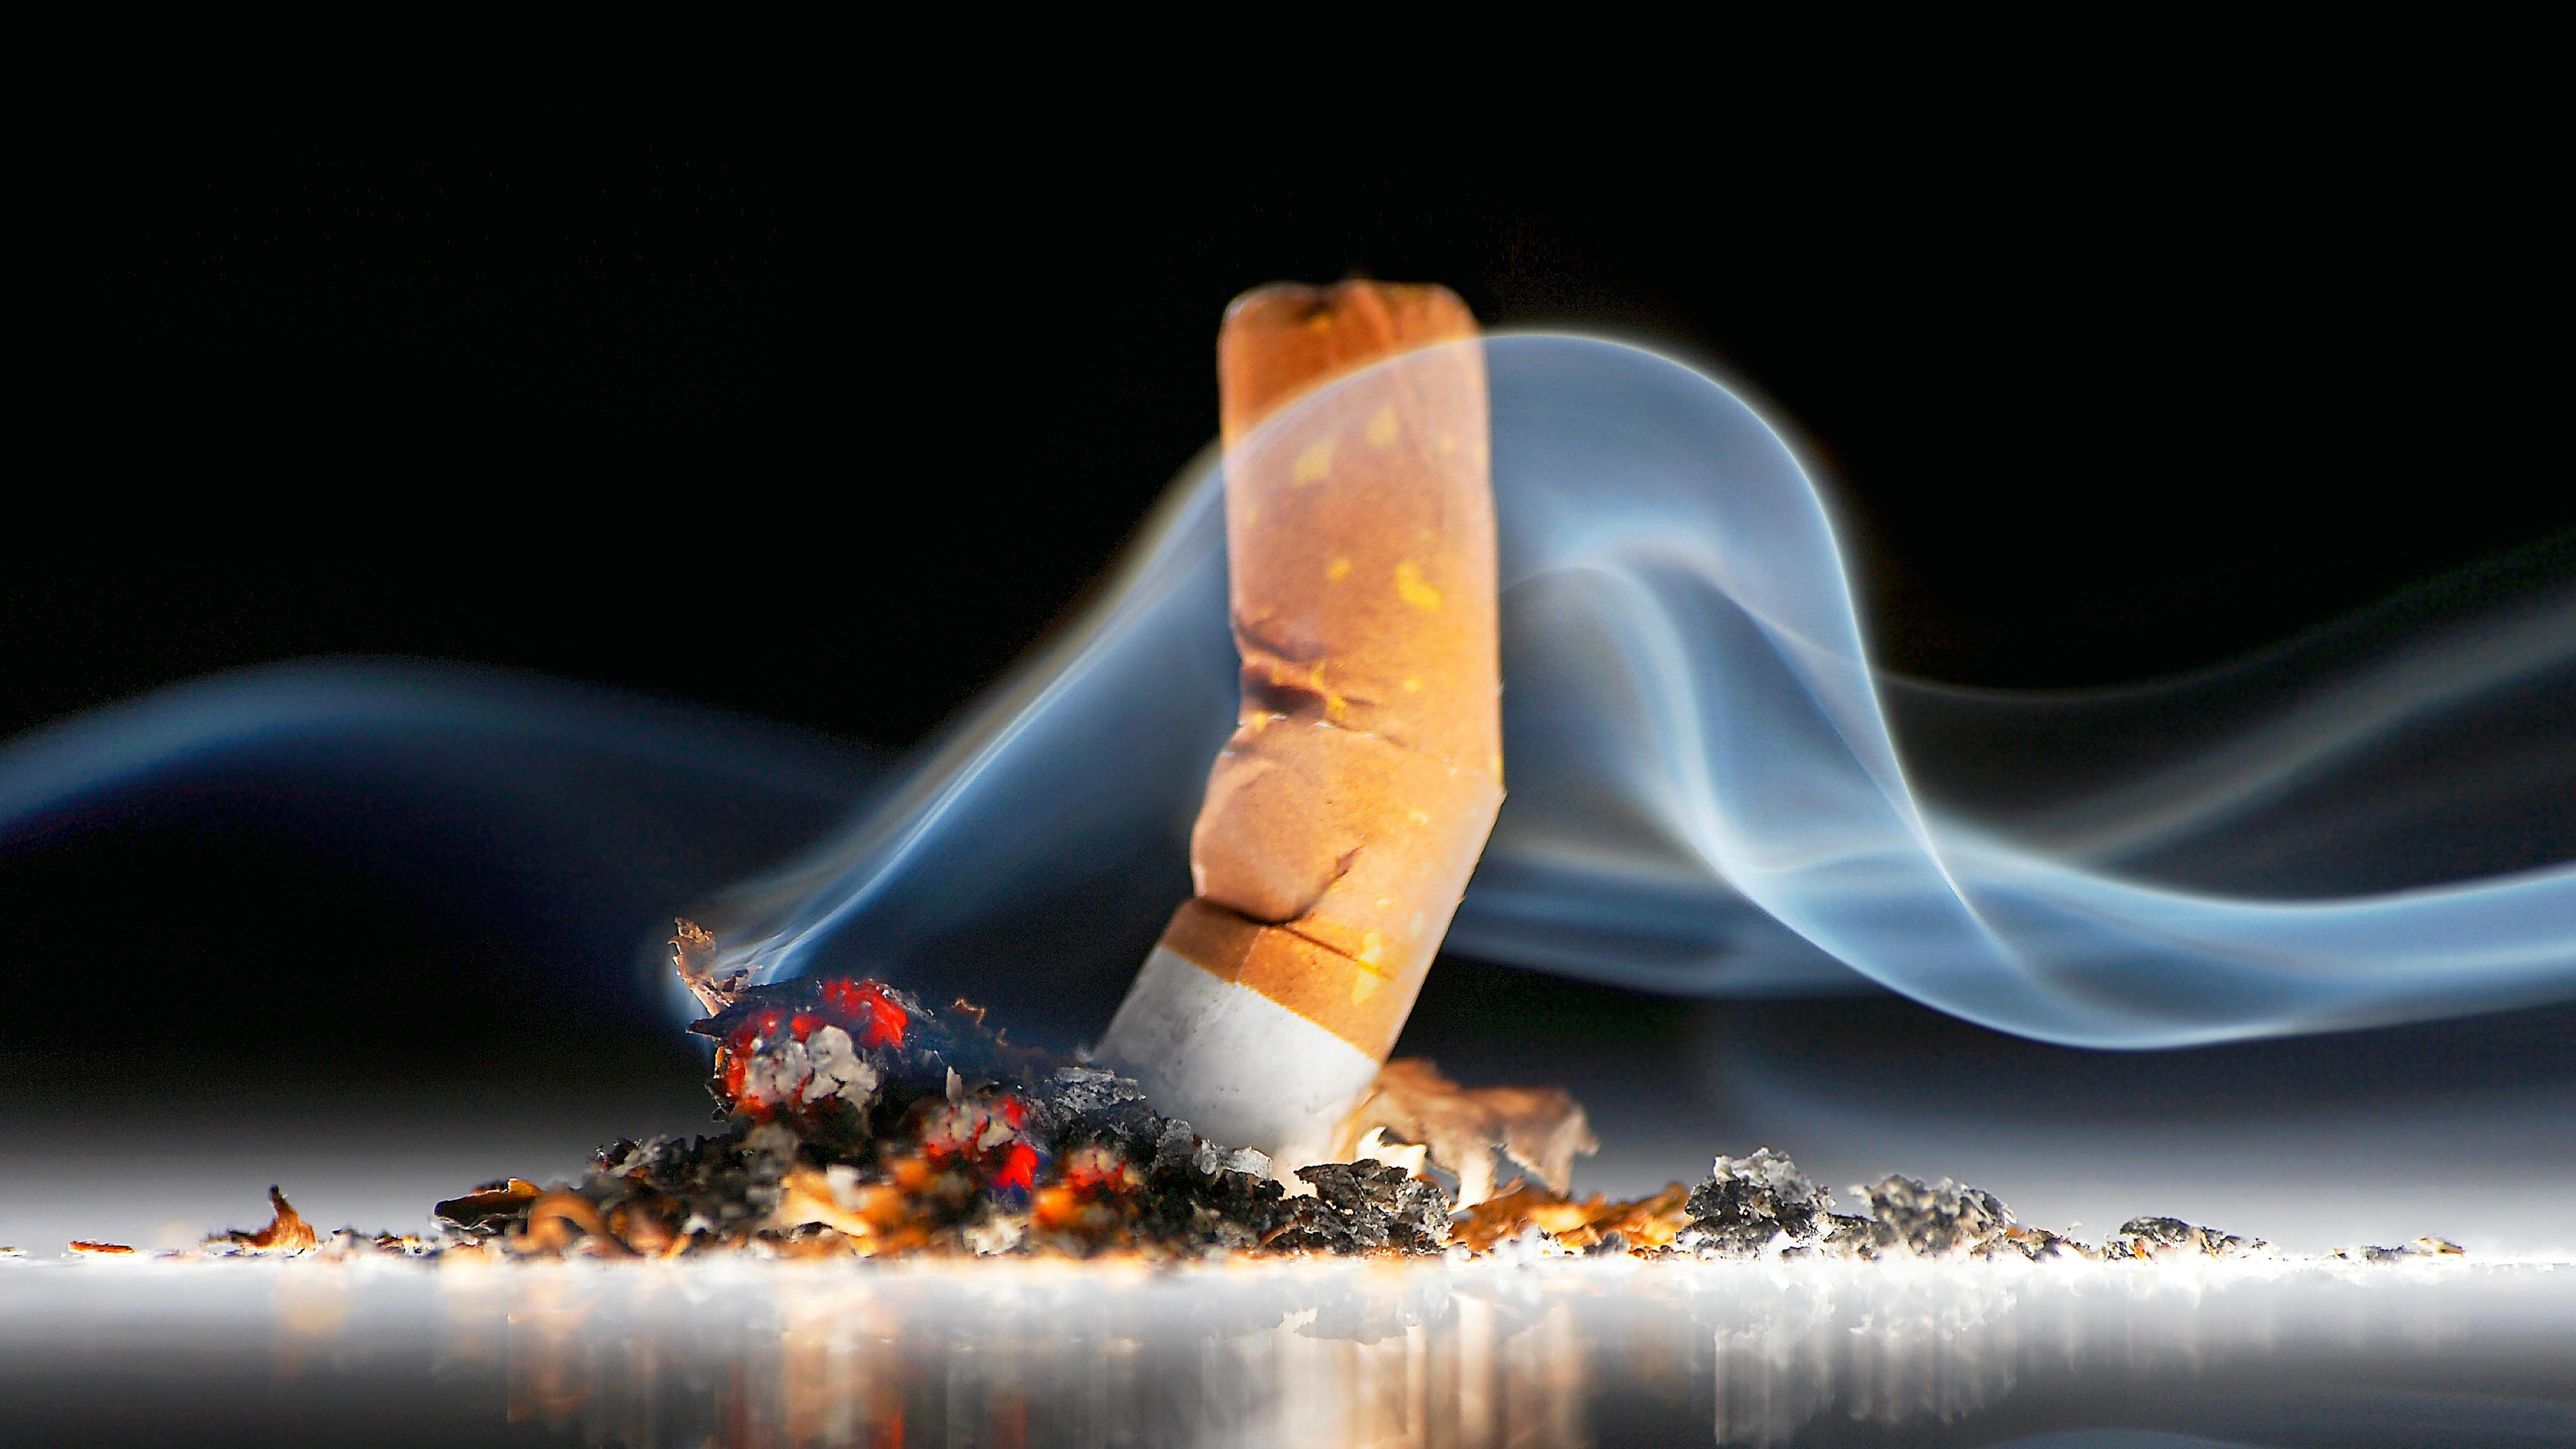 تغییر میل به سیگار